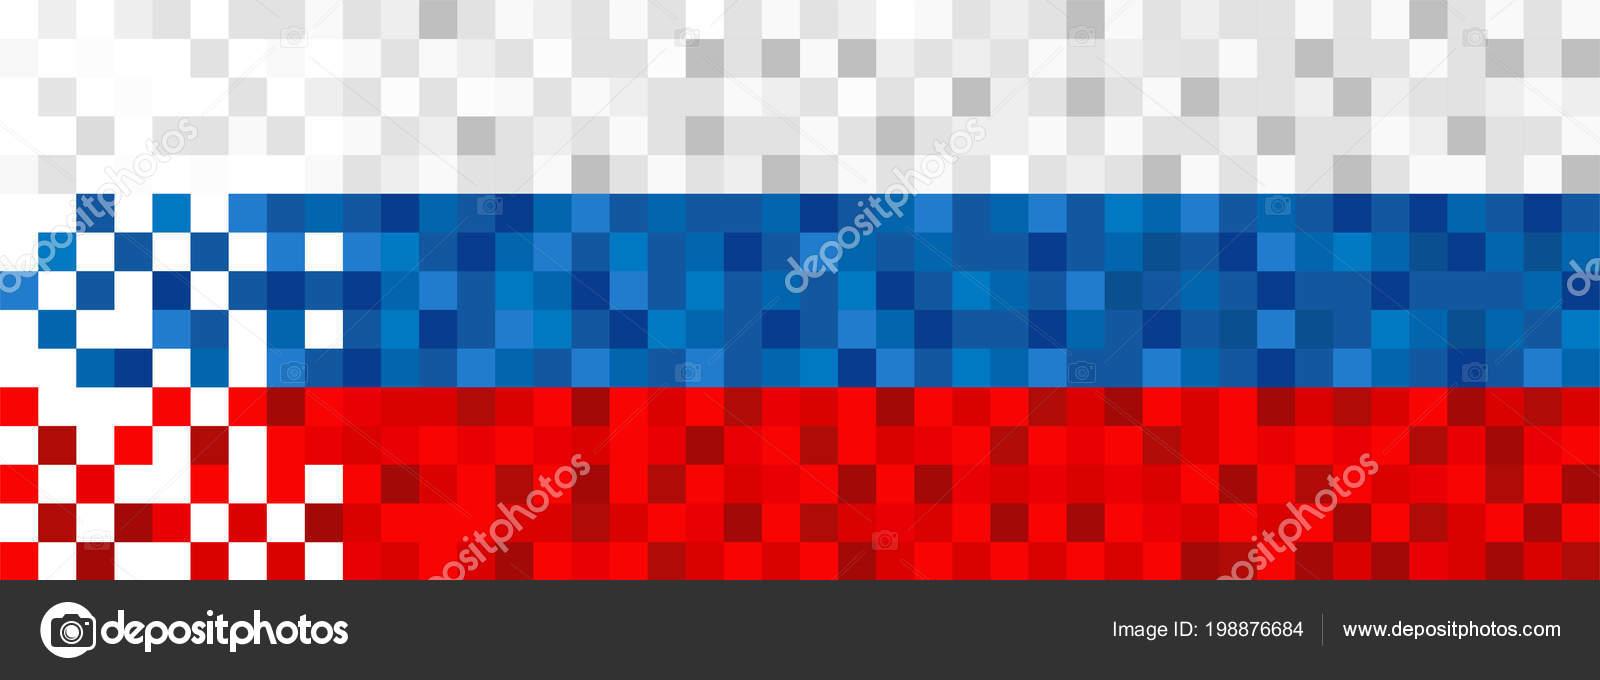 Fond Drapeau Russie Dans Style Pixel Art Conception Bannière